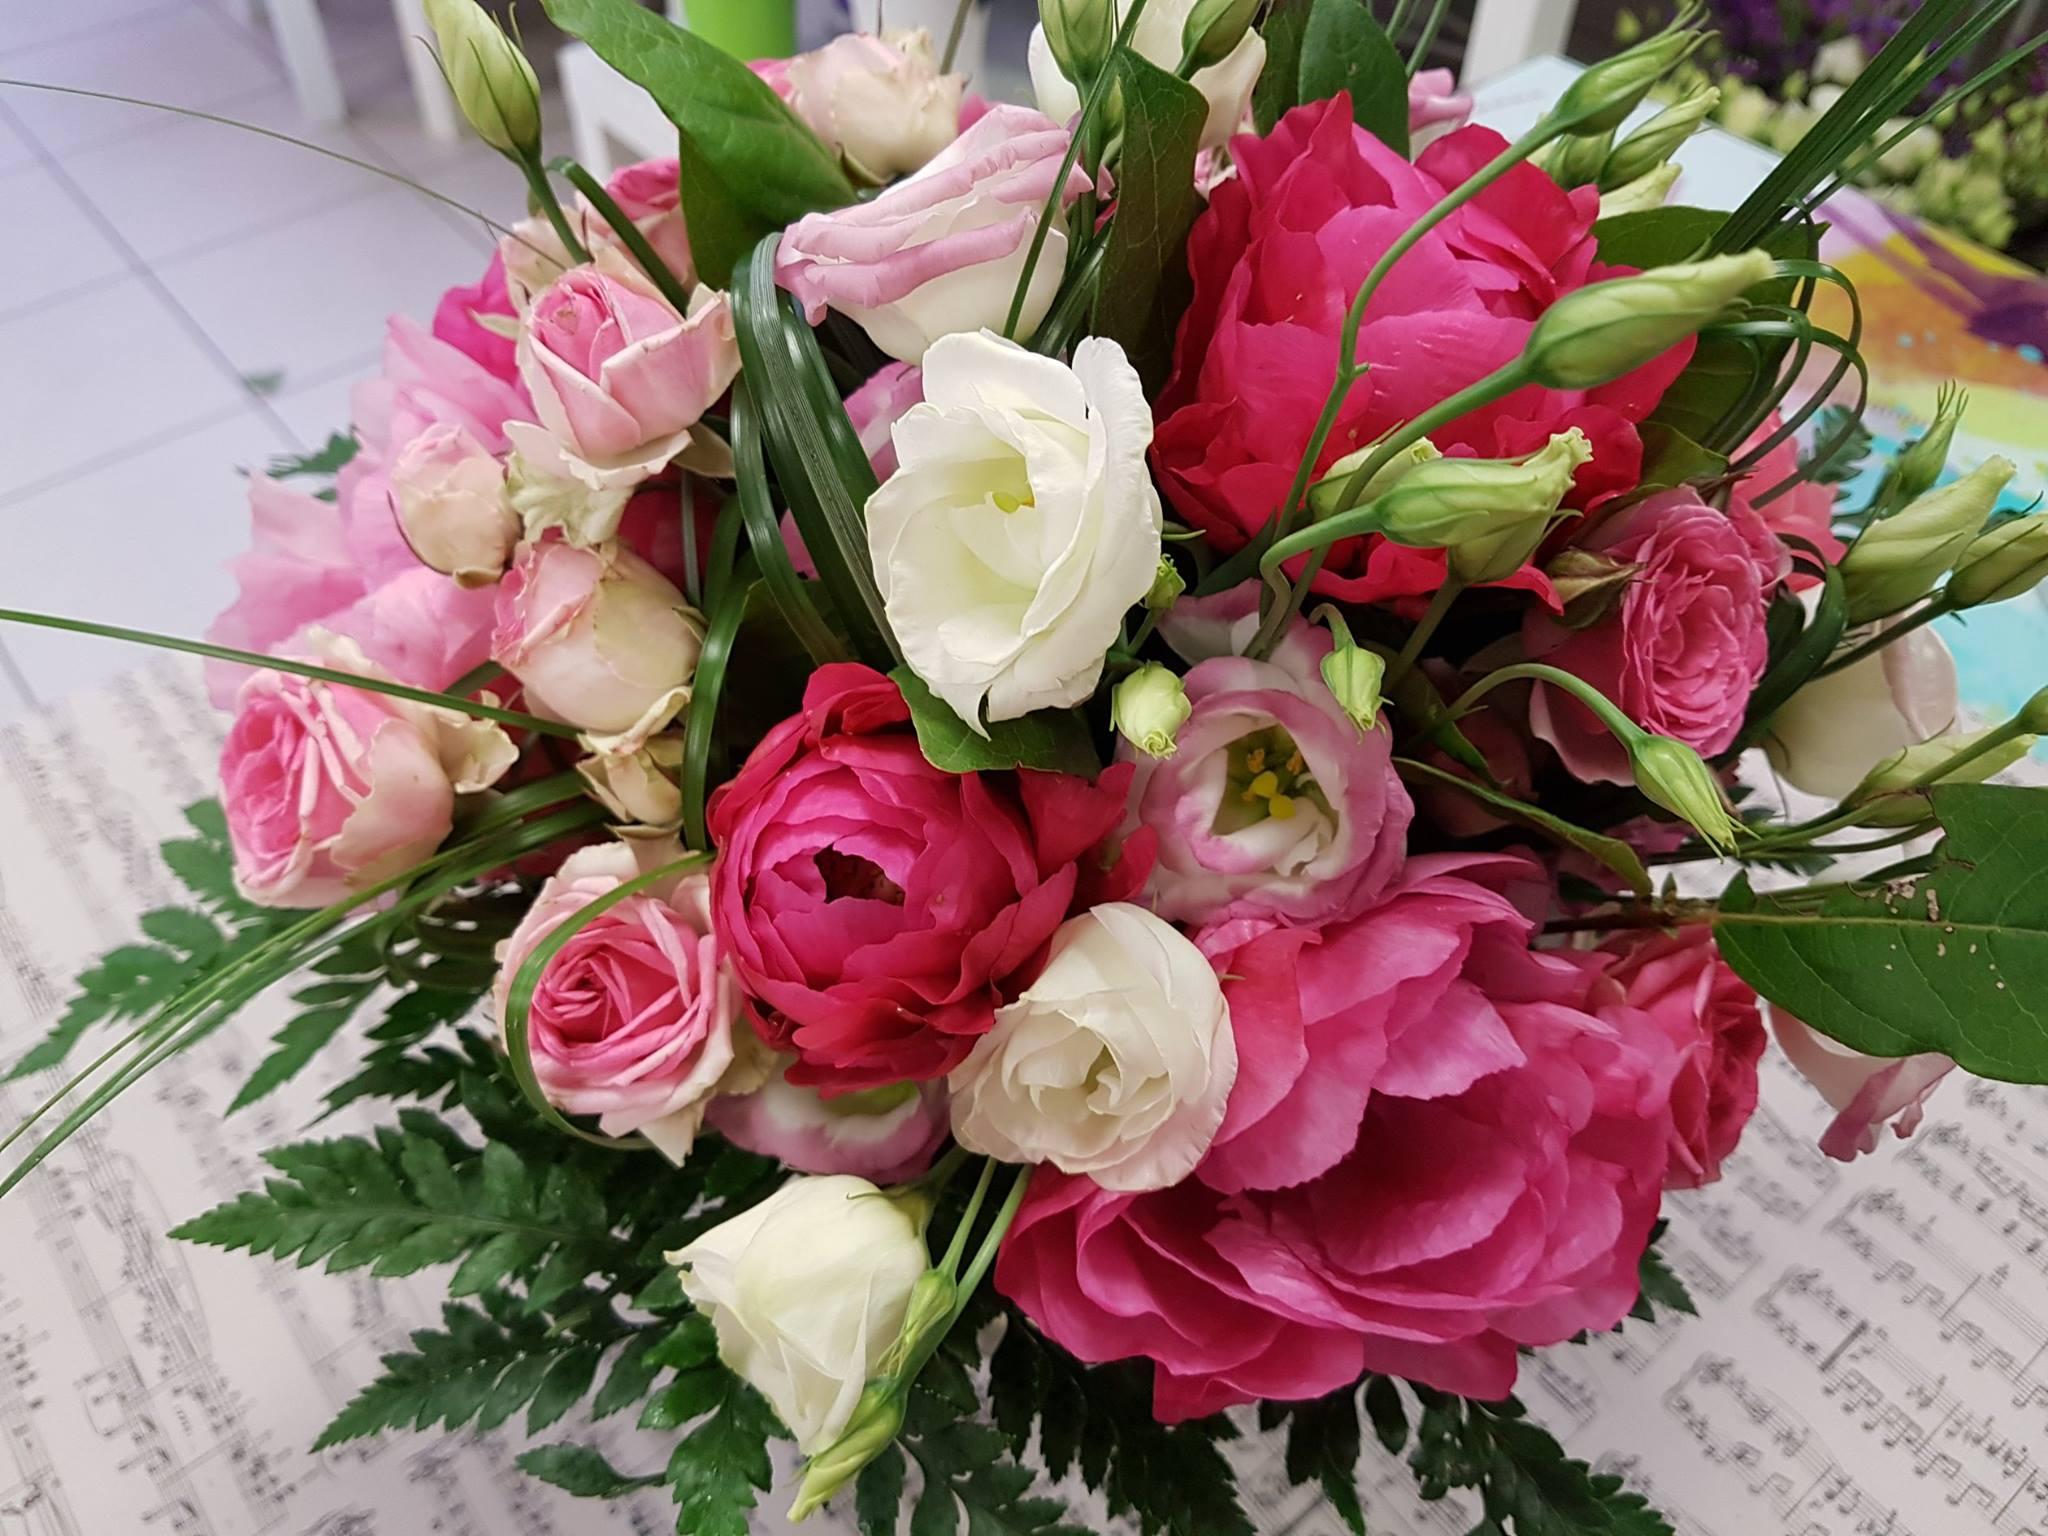 fleuriste-fleuriste Marguerittes-composition florale-bouquet de fleurs-livraison de fleurs-creation florale-fete des meres